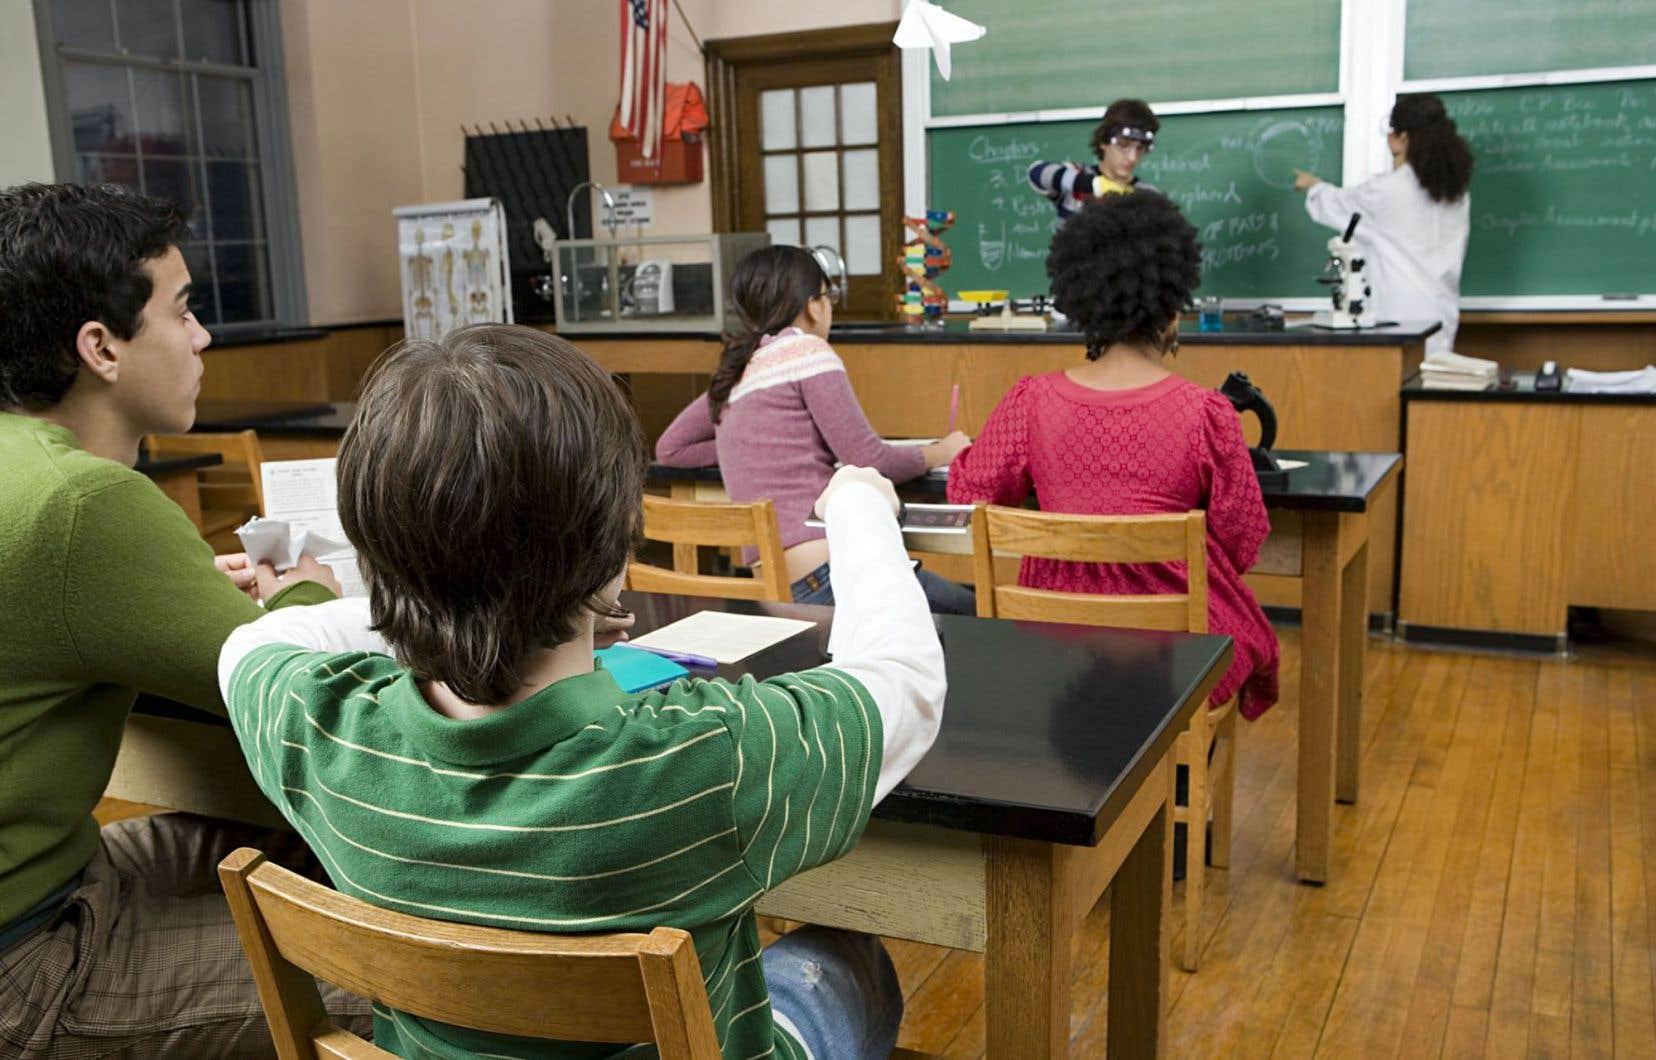 L'autonomie de l'école privée est aussi limitée que celle de l'école publique, écrit l'auteur.